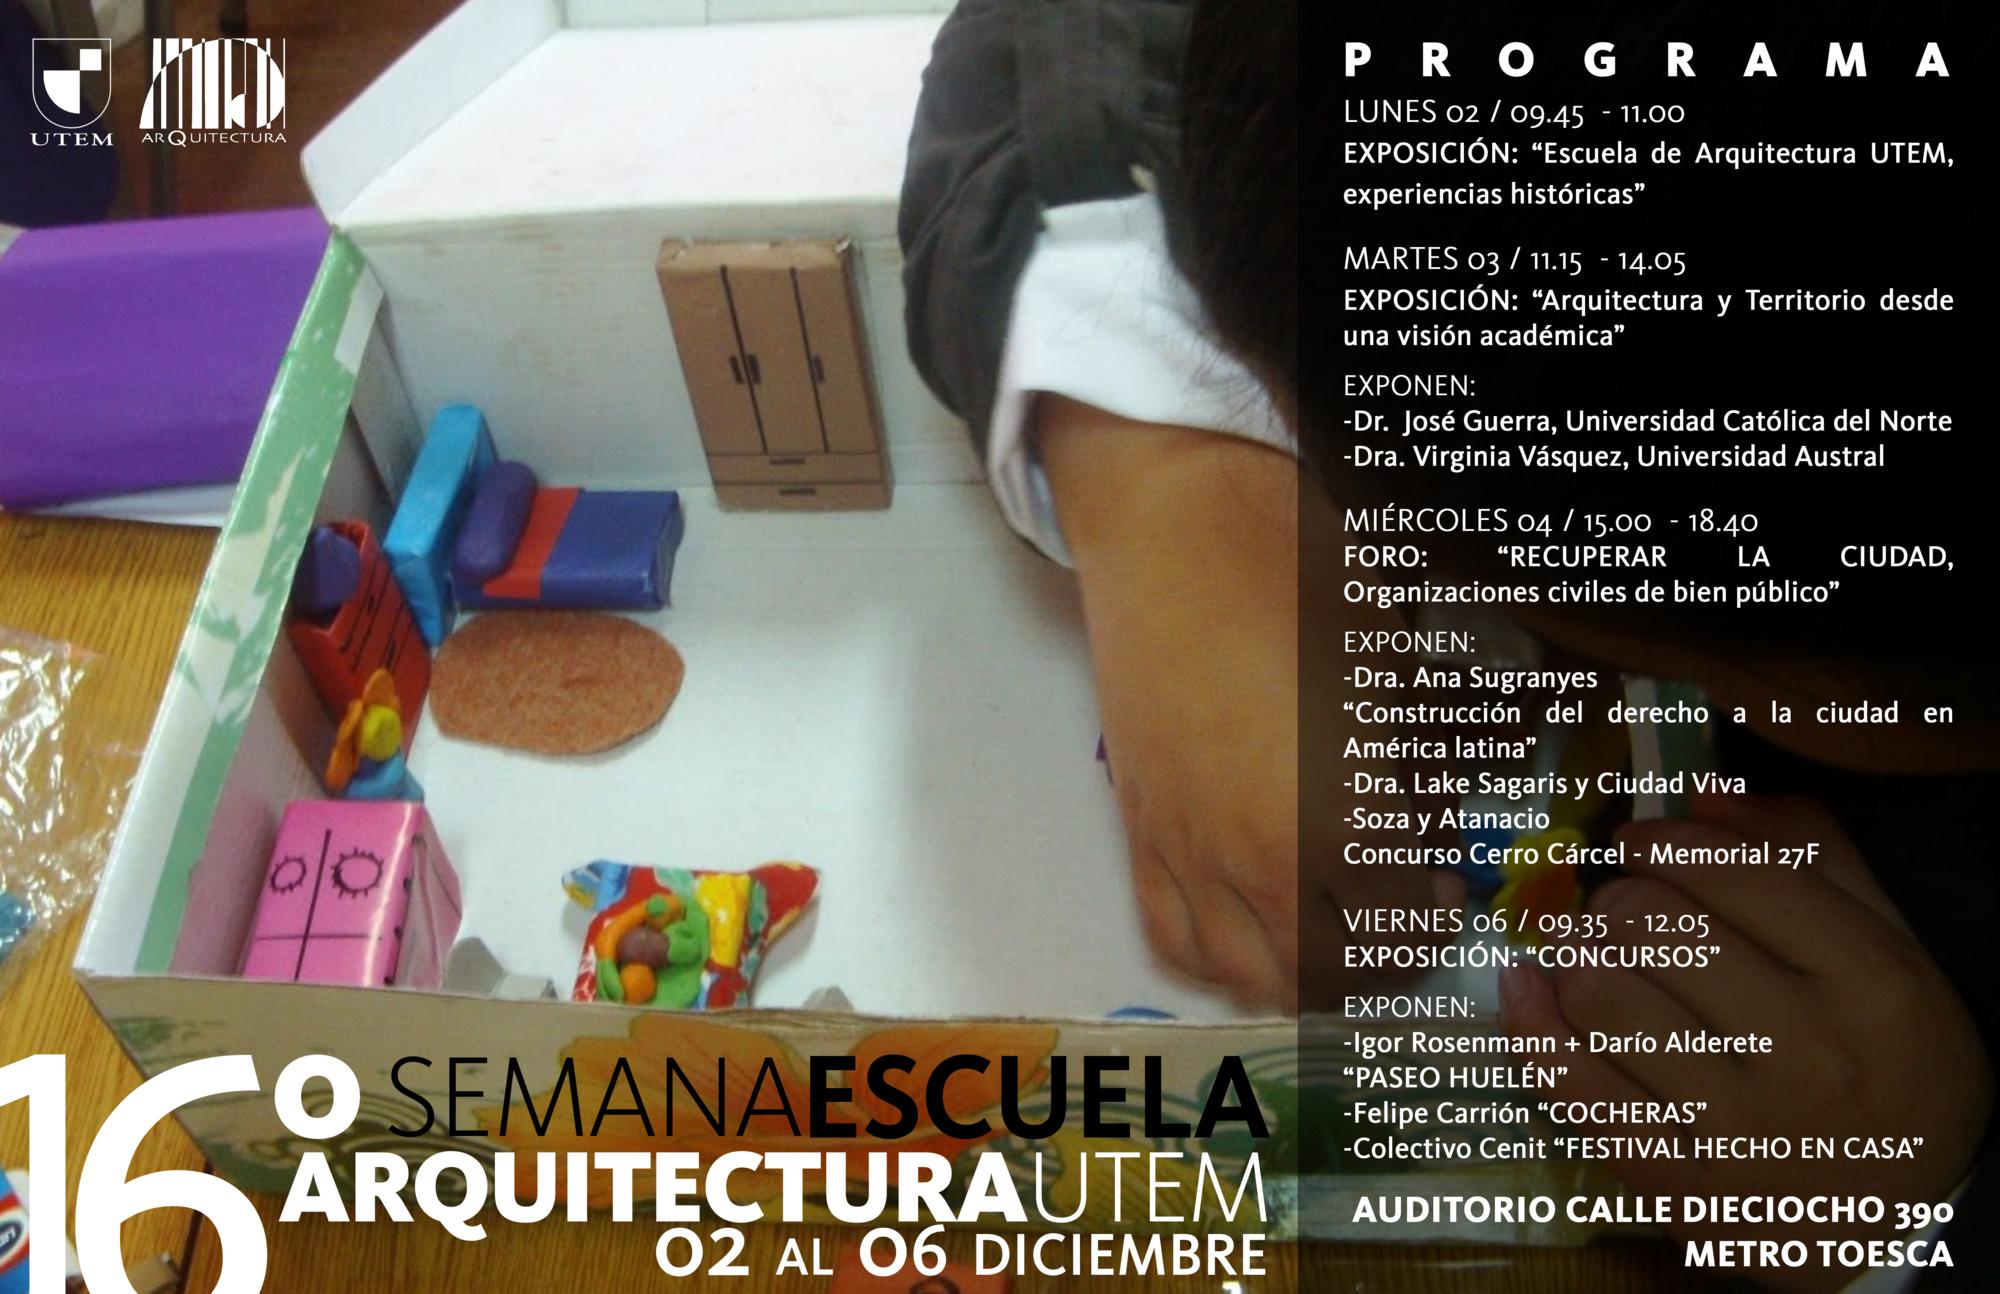 16° Semana de Escuela Arquitectura UTEM 2013, Courtesy of CEARQ UTEM